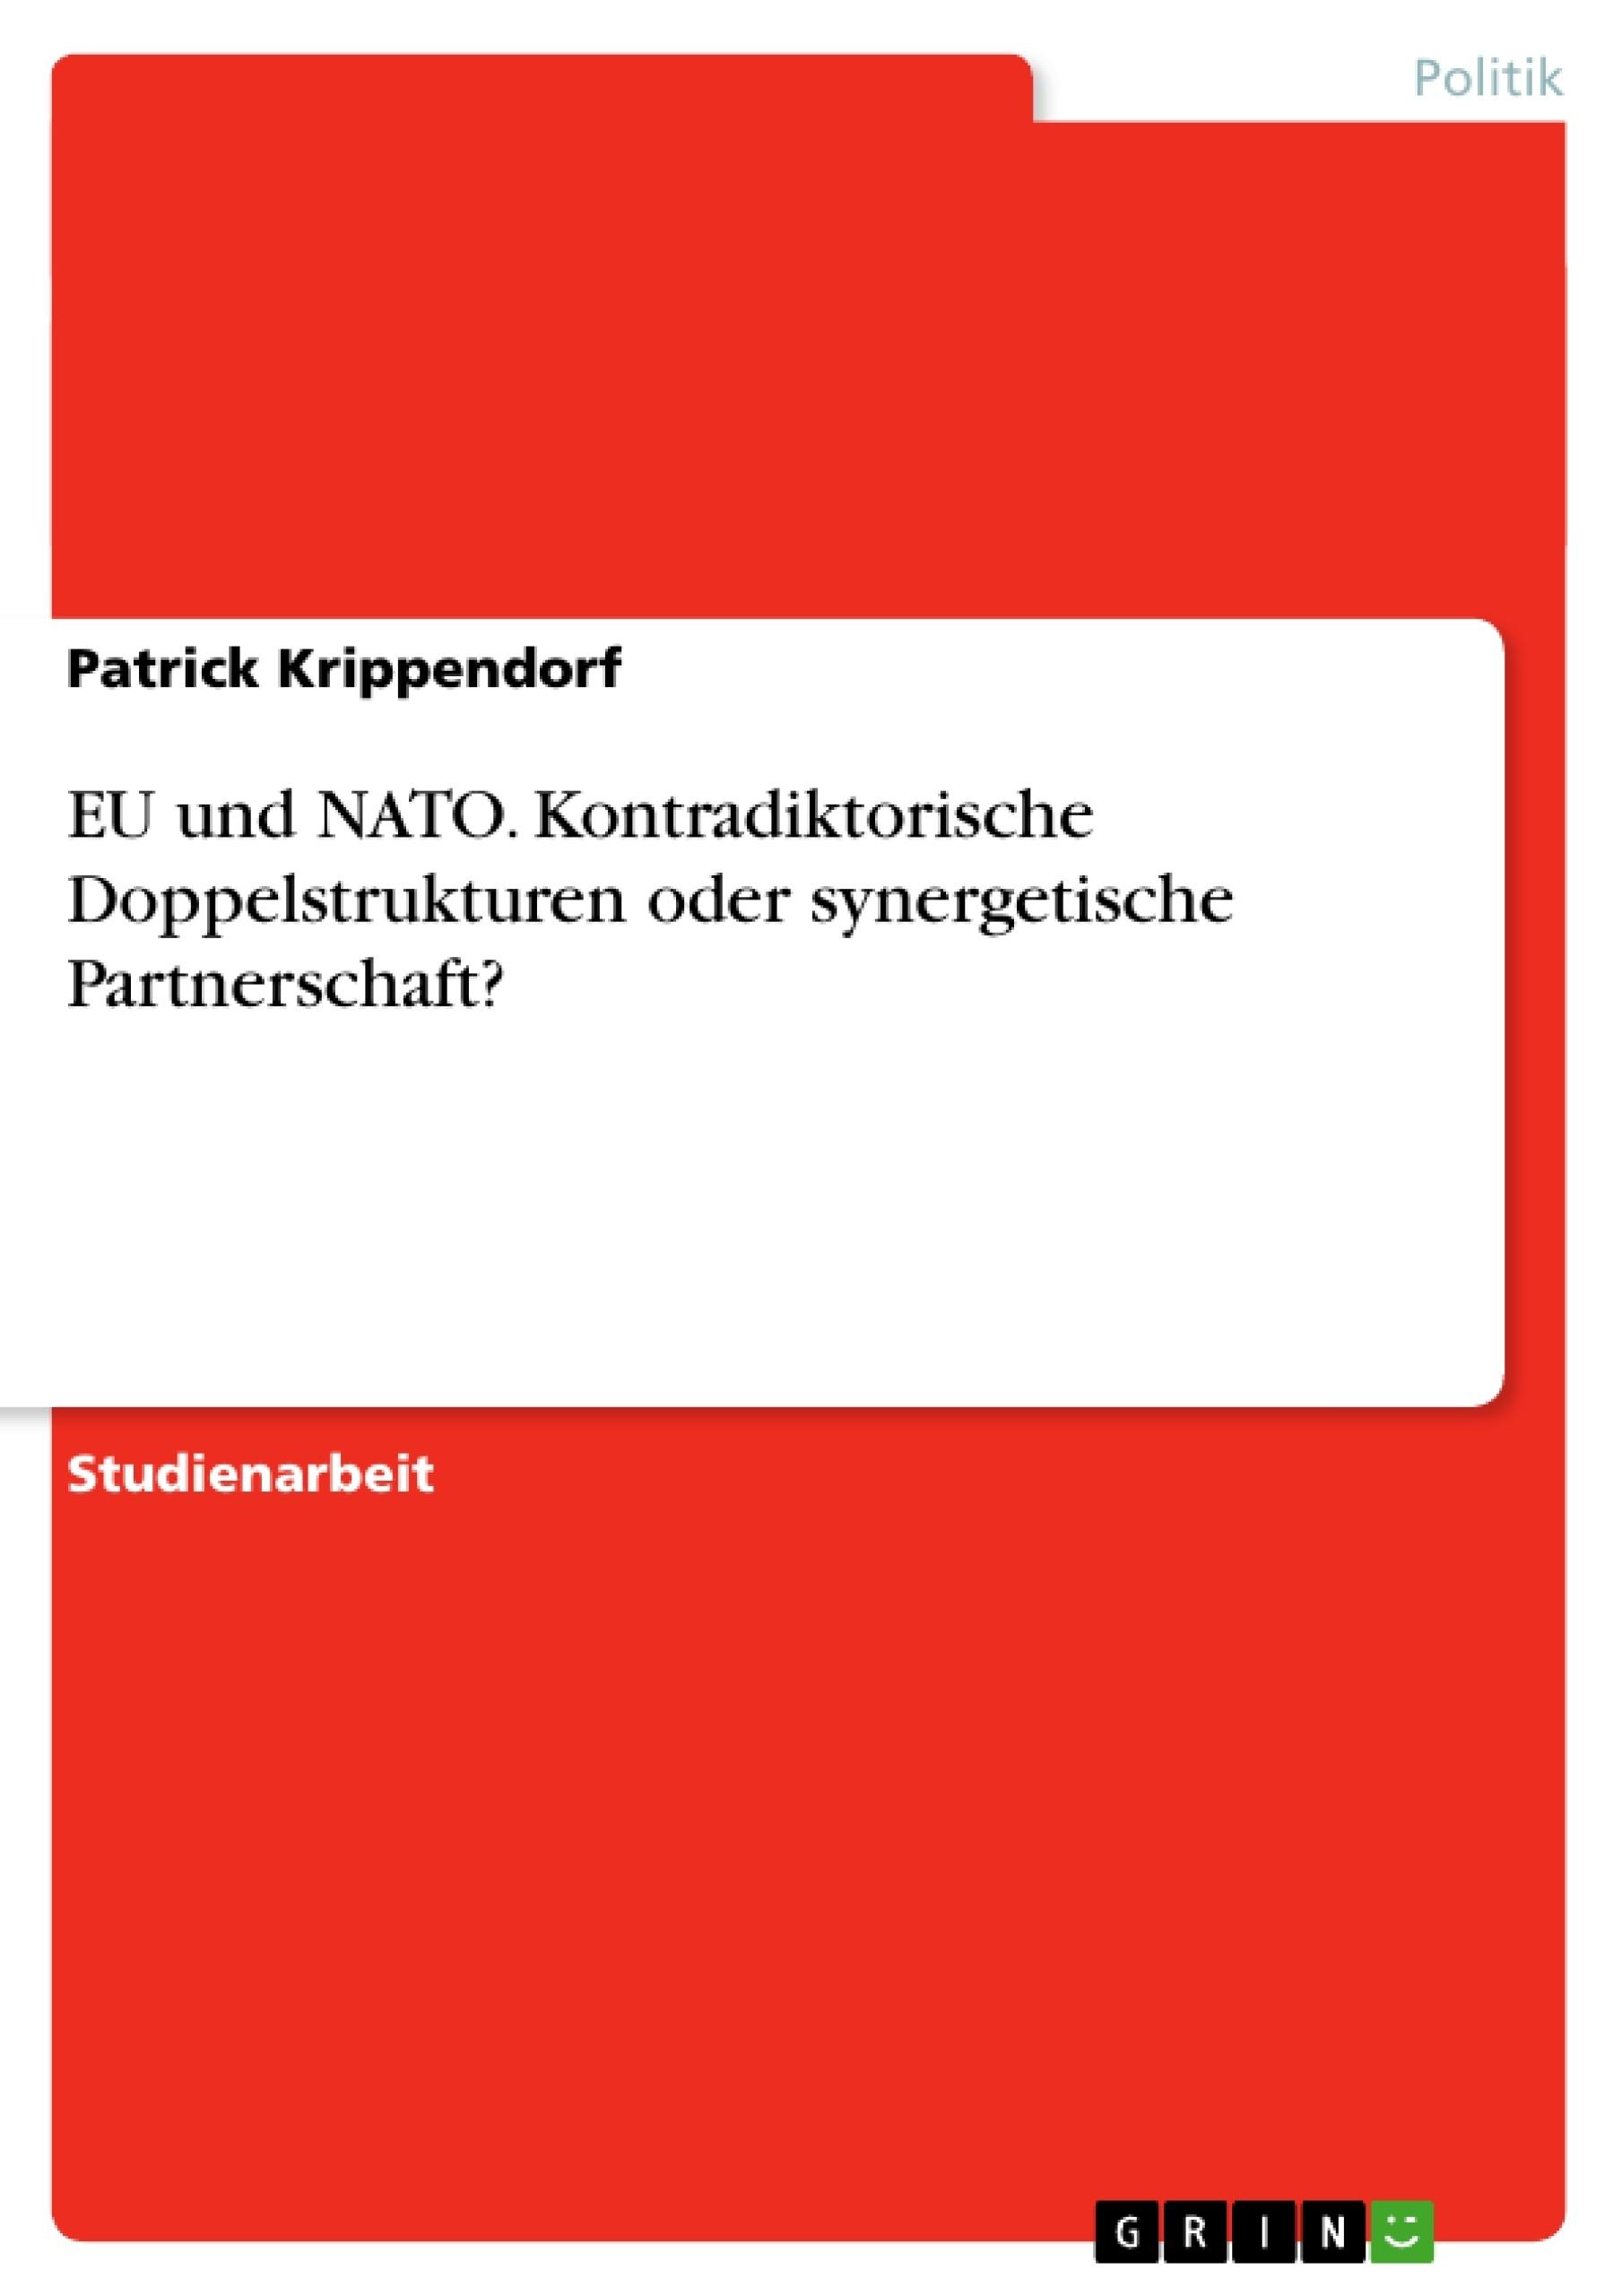 Titel: EU und NATO. Kontradiktorische Doppelstrukturen oder synergetische Partnerschaft?